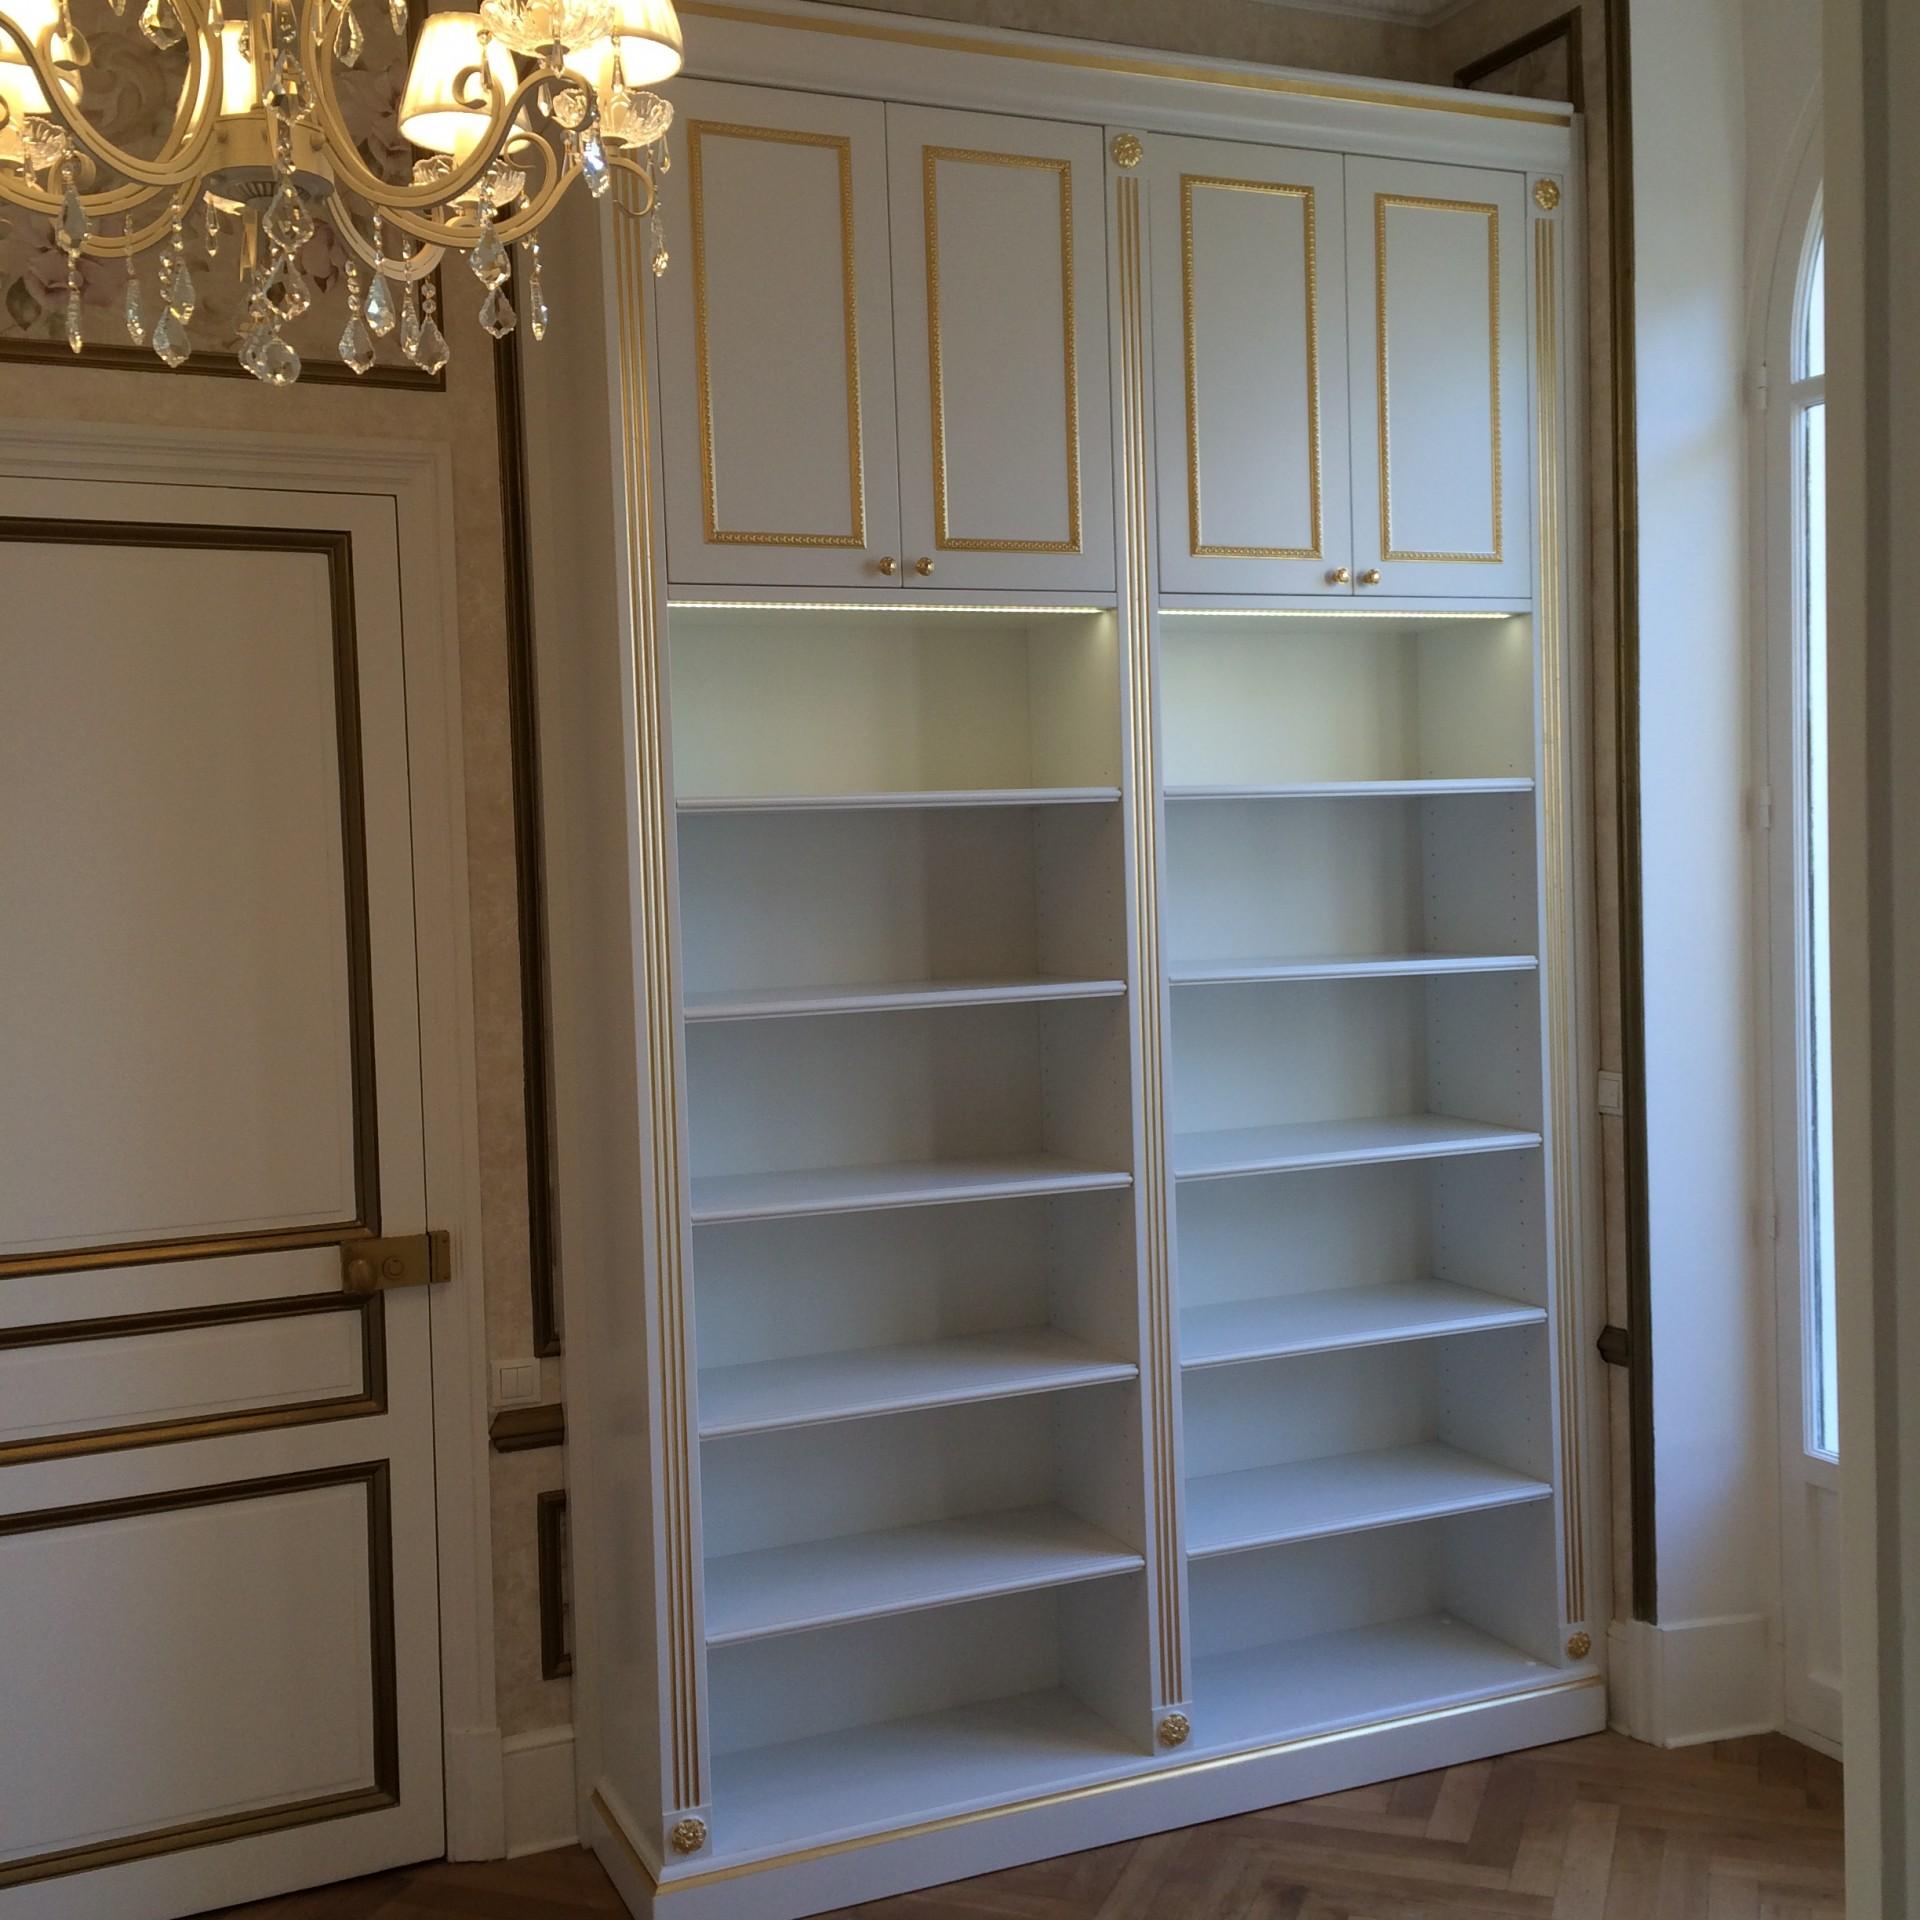 Cabina armadio in legno fadini mobili cerea verona - Cabine armadio in legno ...